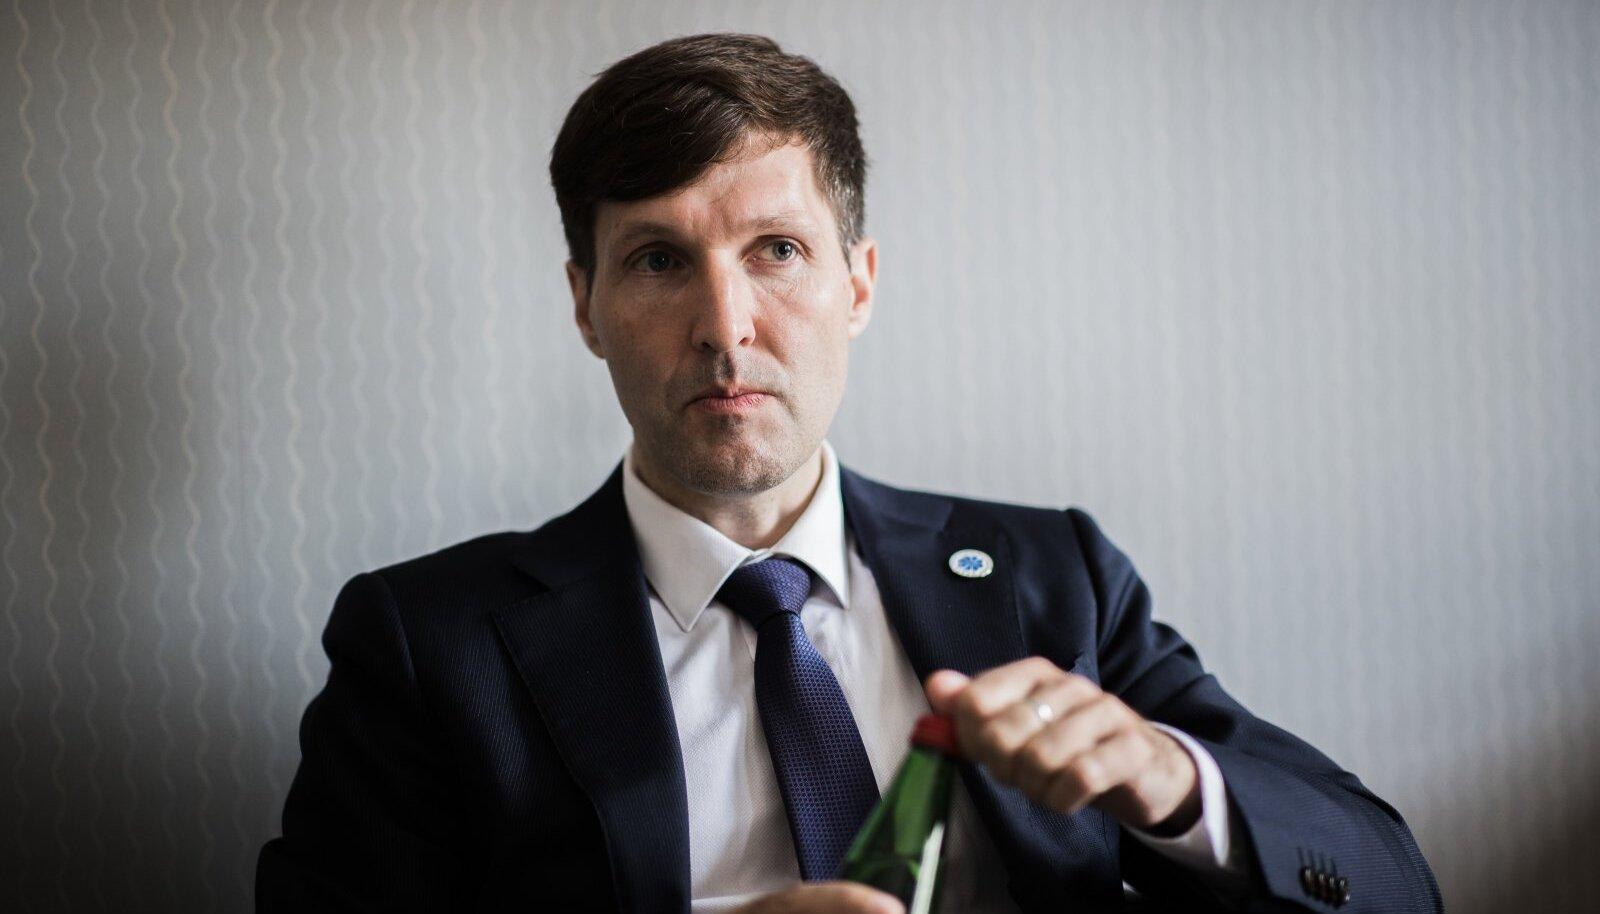 Helme sõnul kaalub EKRE ka meeleavalduste korraldamist, kuid täna ta ise vaktsineerimise ja õiguste piiramise vastaste meeleavaldustel (Balti ketti imiteeriv protestiaktsioon) ei osale.